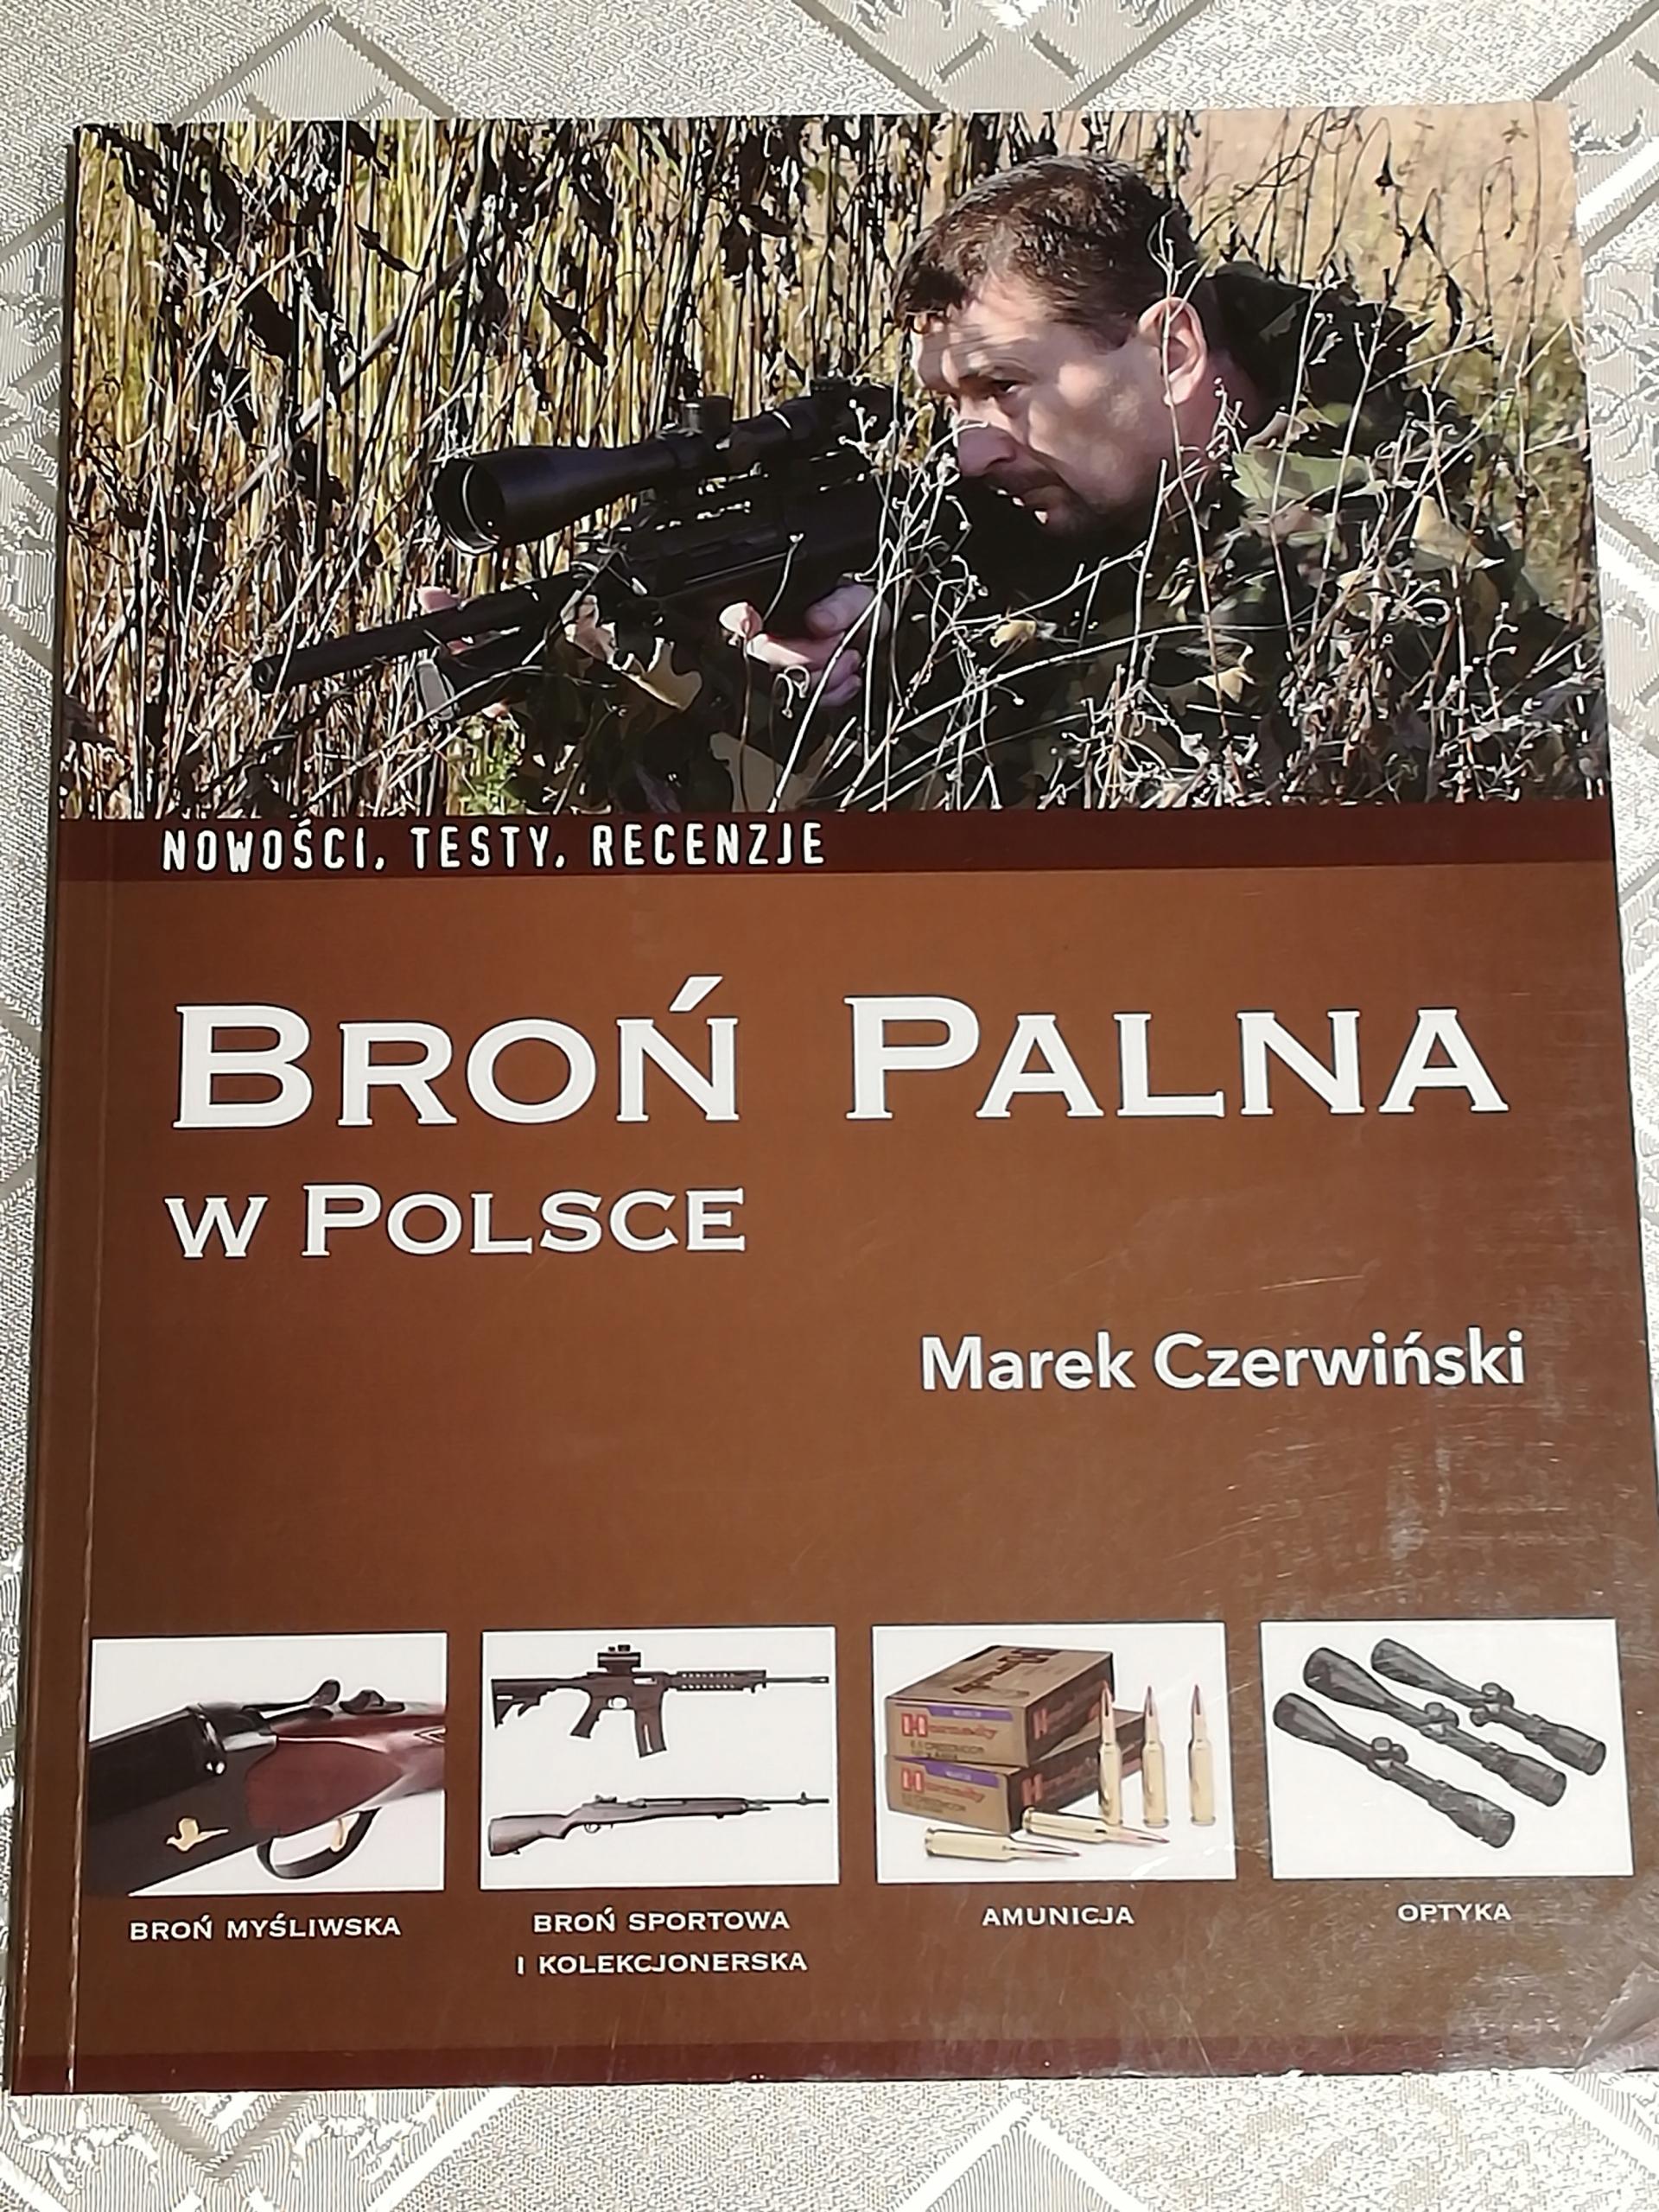 KSIĄŻKA BROŃ PALNA w POLSCE - Marek Czerwiński !!!